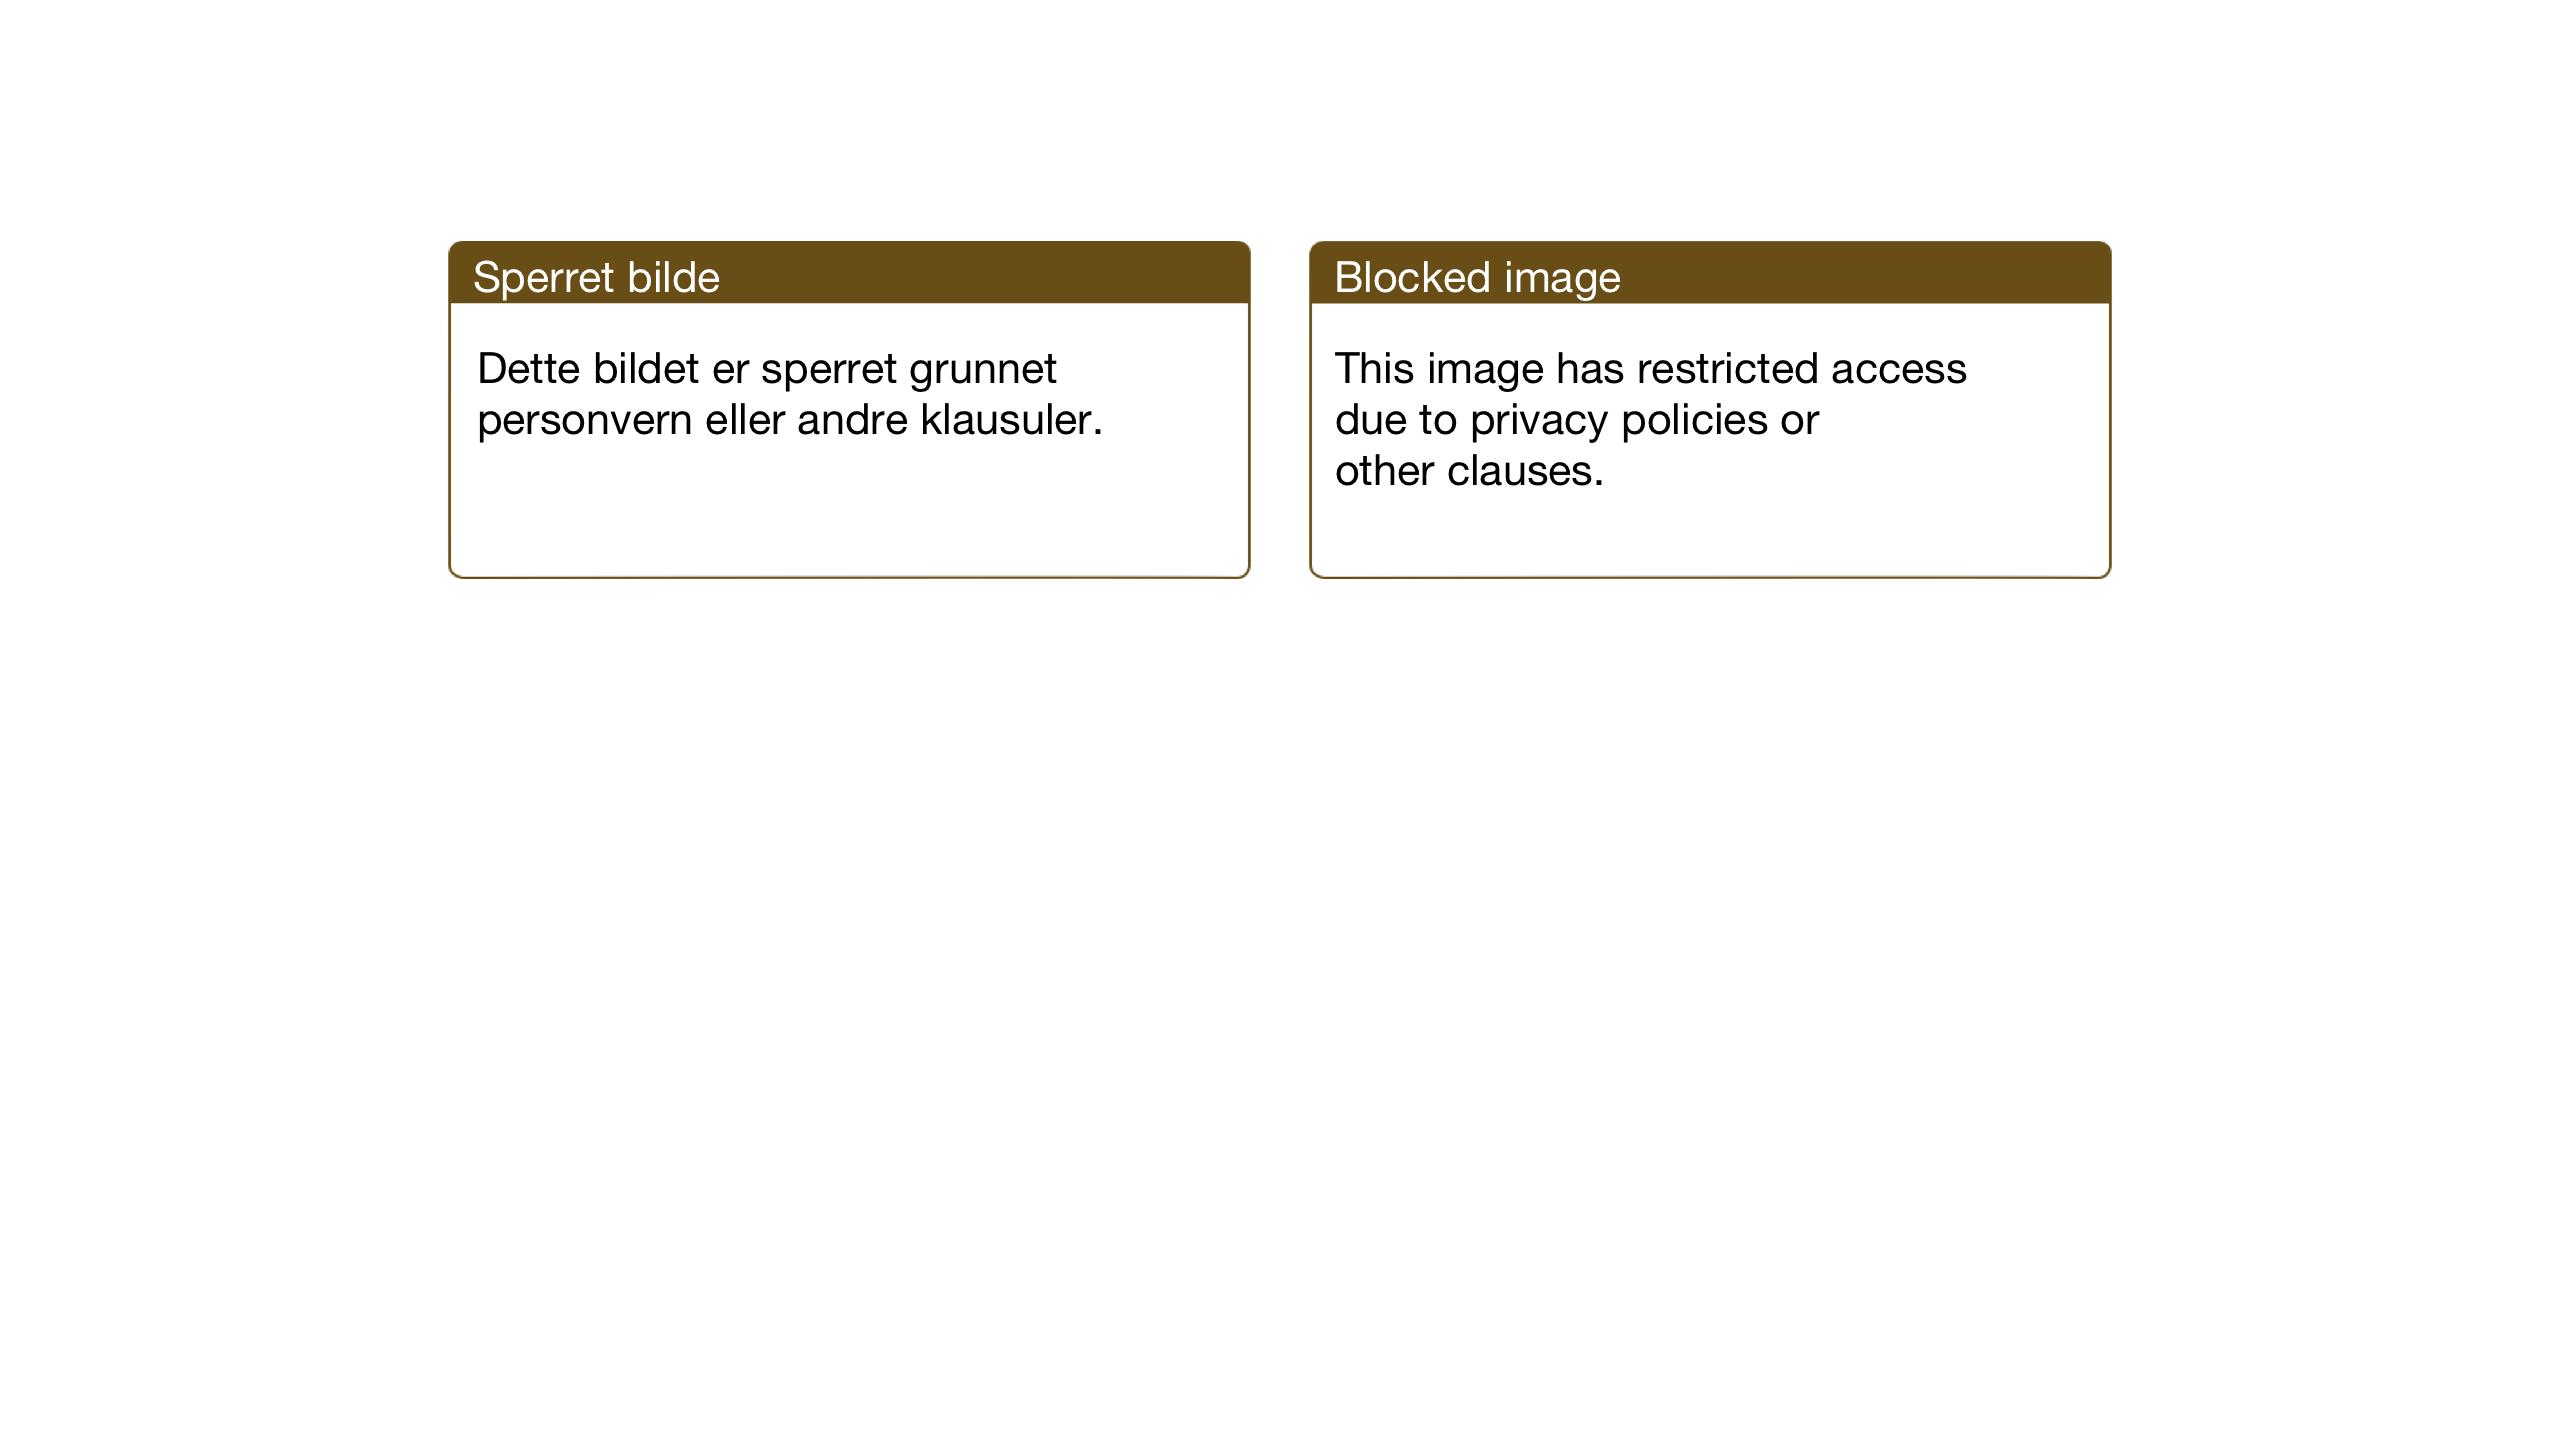 SAT, Ministerialprotokoller, klokkerbøker og fødselsregistre - Nord-Trøndelag, 714/L0136: Klokkerbok nr. 714C05, 1918-1957, s. 73